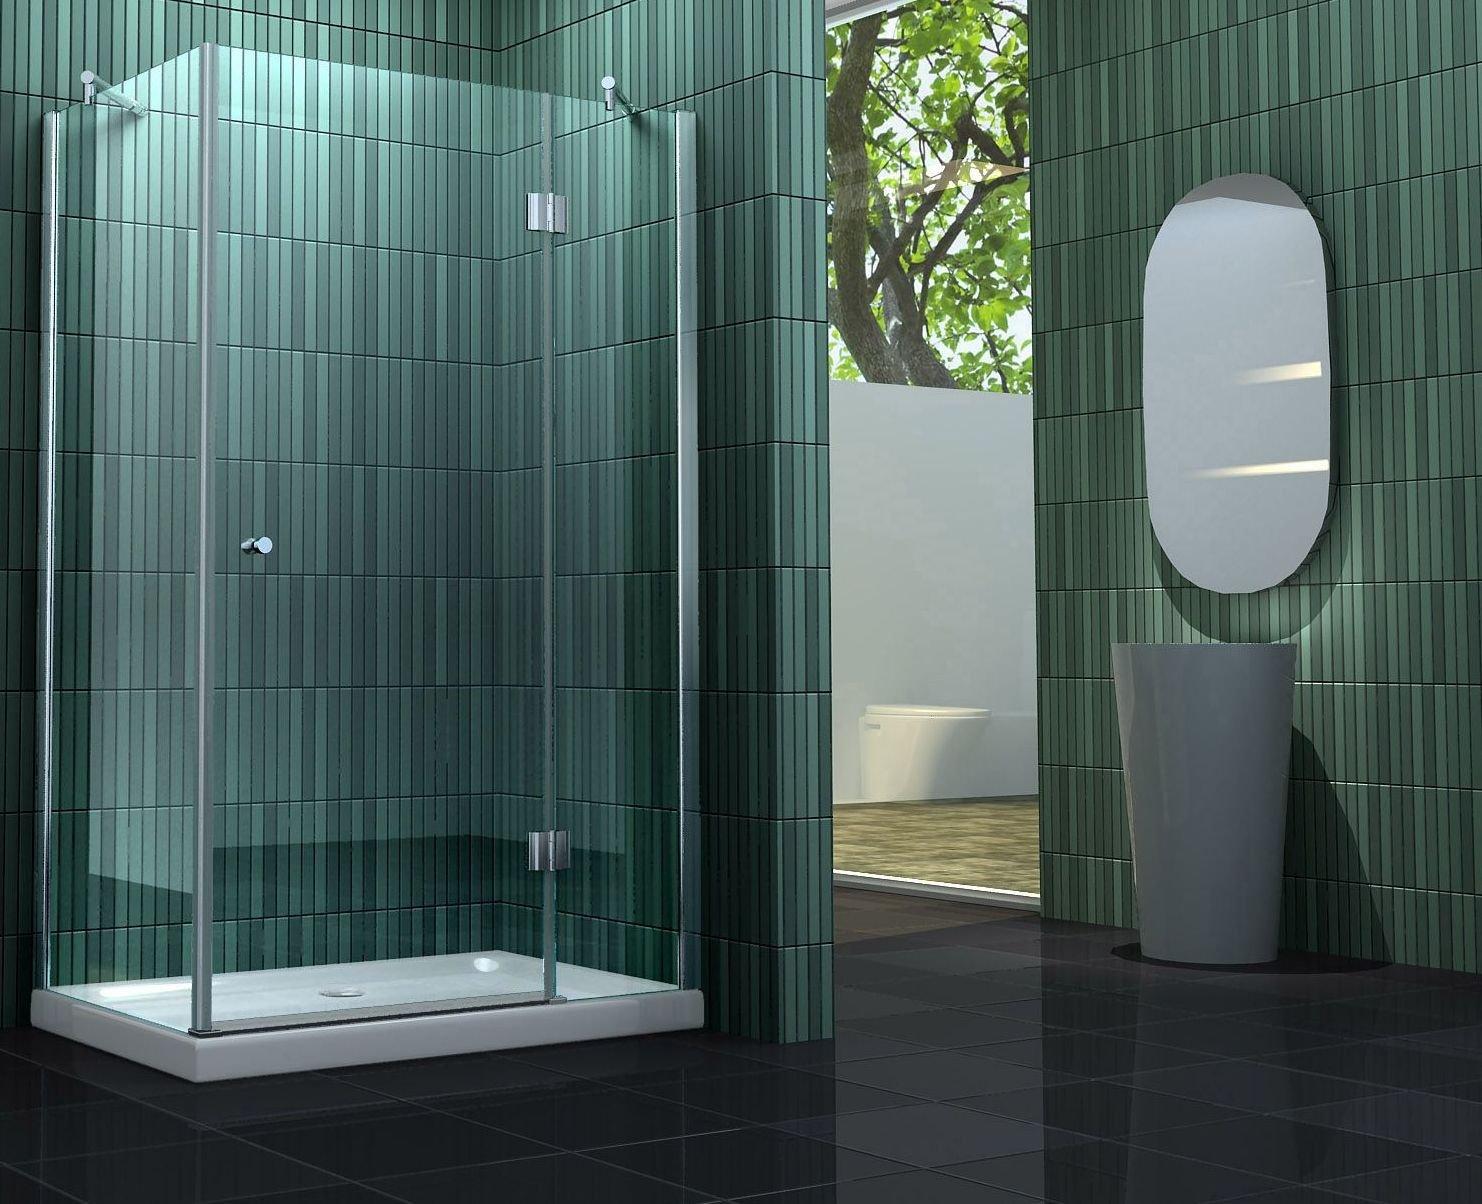 Duschkabine SILL 90 x 75 cm ohne Duschtasse  Kundenberichte und weitere Informationen